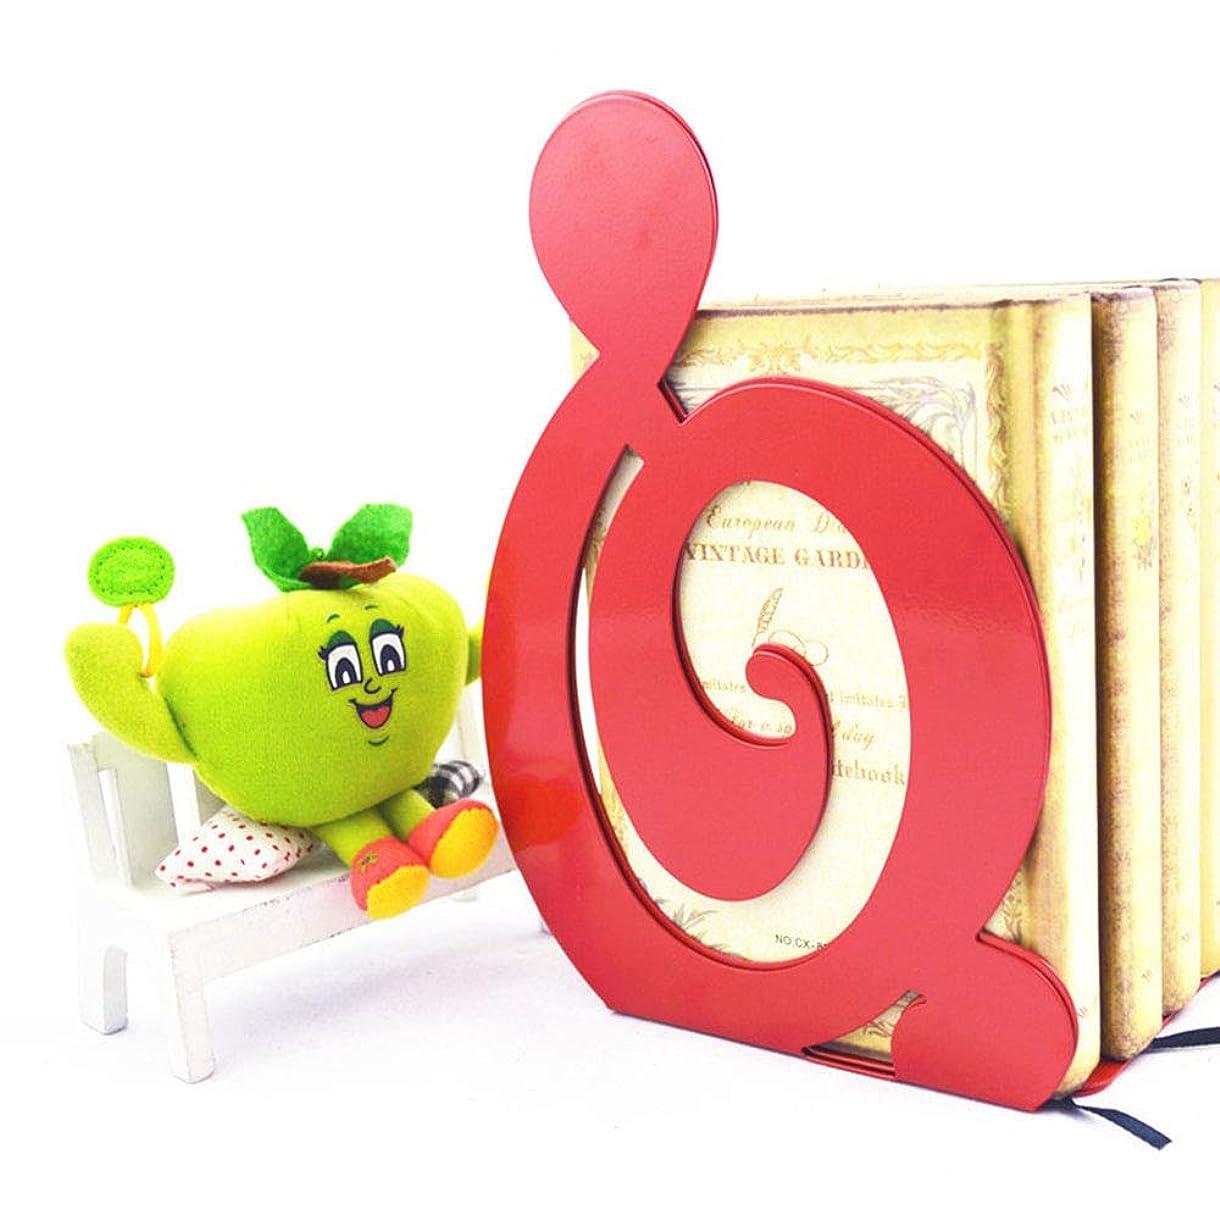 永遠のヒギンズリップブックスタンドブックレットノートブックバッフルシンプルスタイルブックスタンドクリップブックサポートフレームブックマーク (Color : Red)